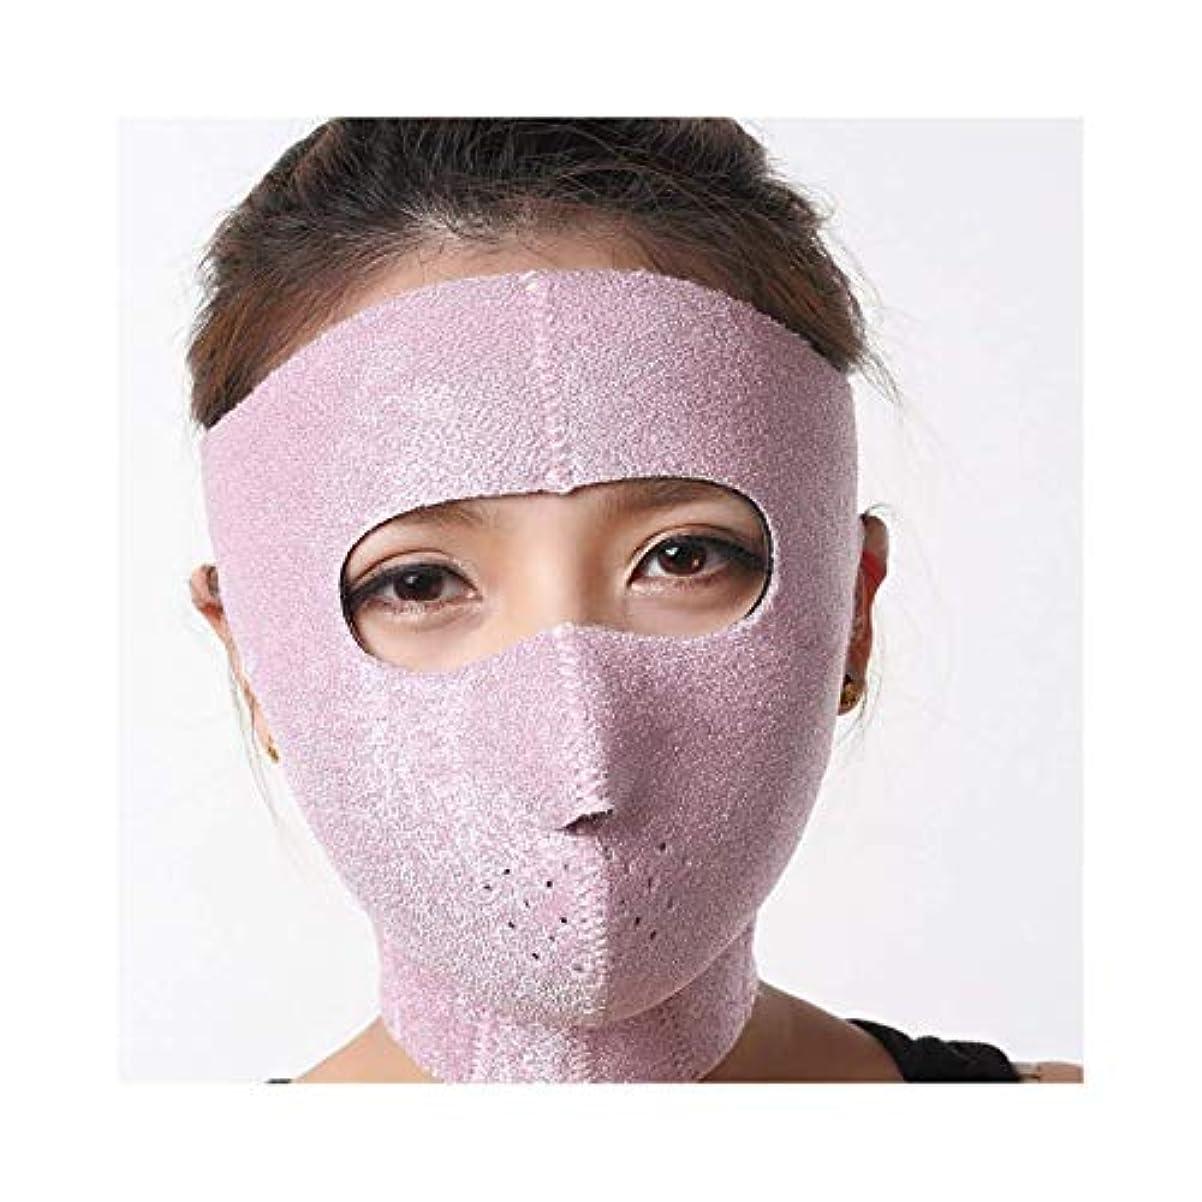 必須保証金器官スリミングベルト、フェイシャルマスク薄い顔マスク睡眠薄い顔マスク薄い顔包帯薄い顔アーティファクト薄い顔顔リフティング薄い顔小さなV顔睡眠薄い顔ベルト